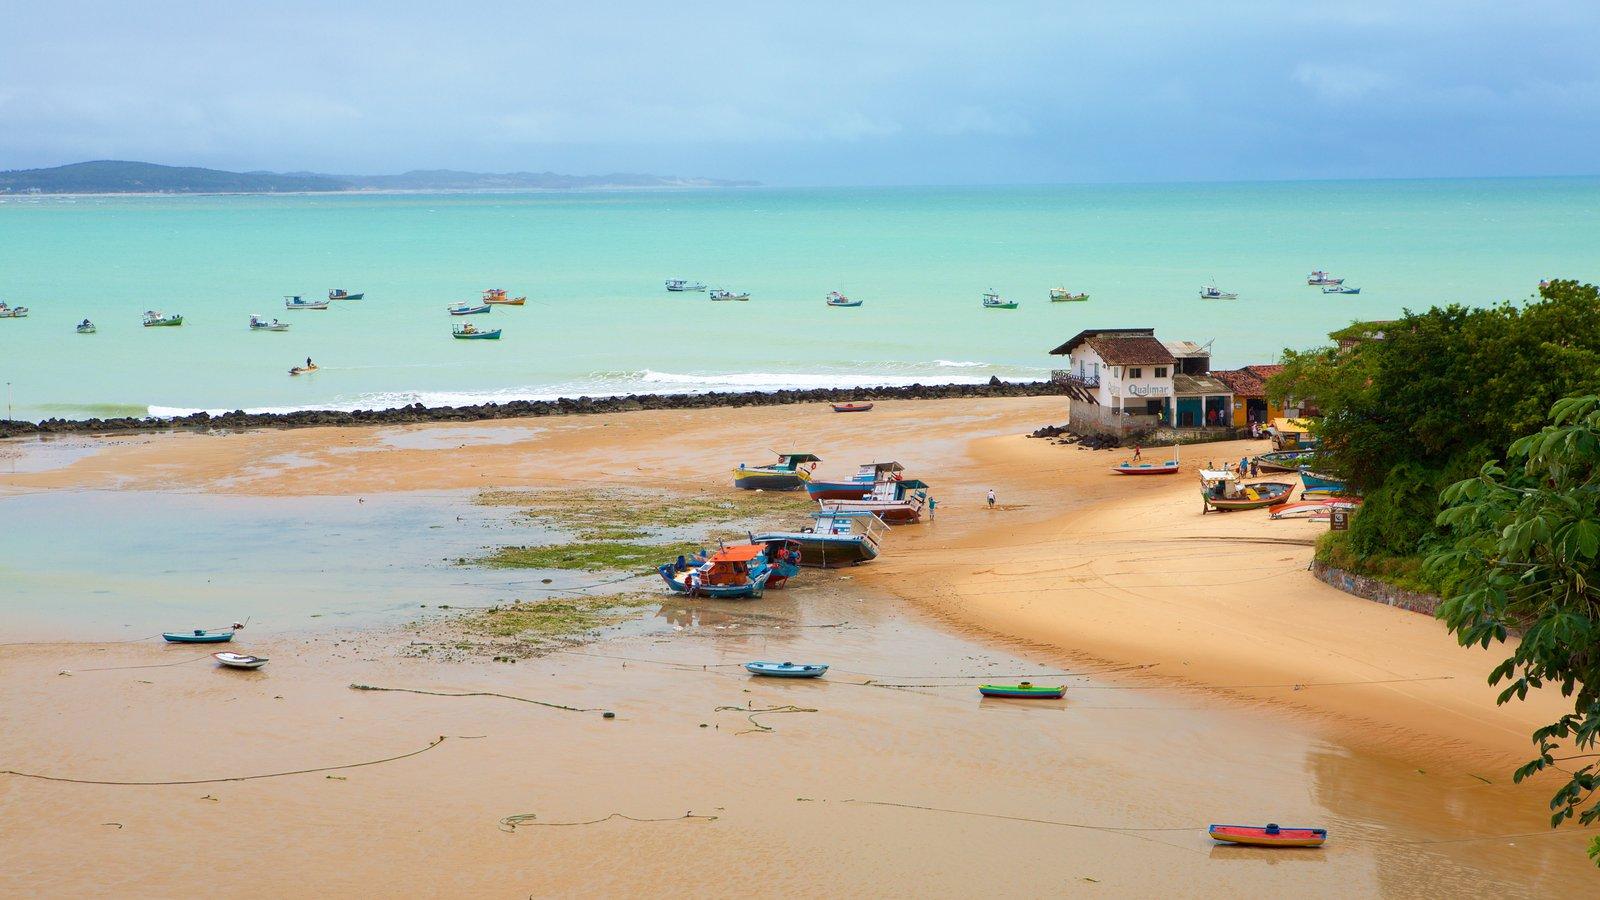 Baía Formosa que inclui paisagens litorâneas, uma praia e uma cidade litorânea